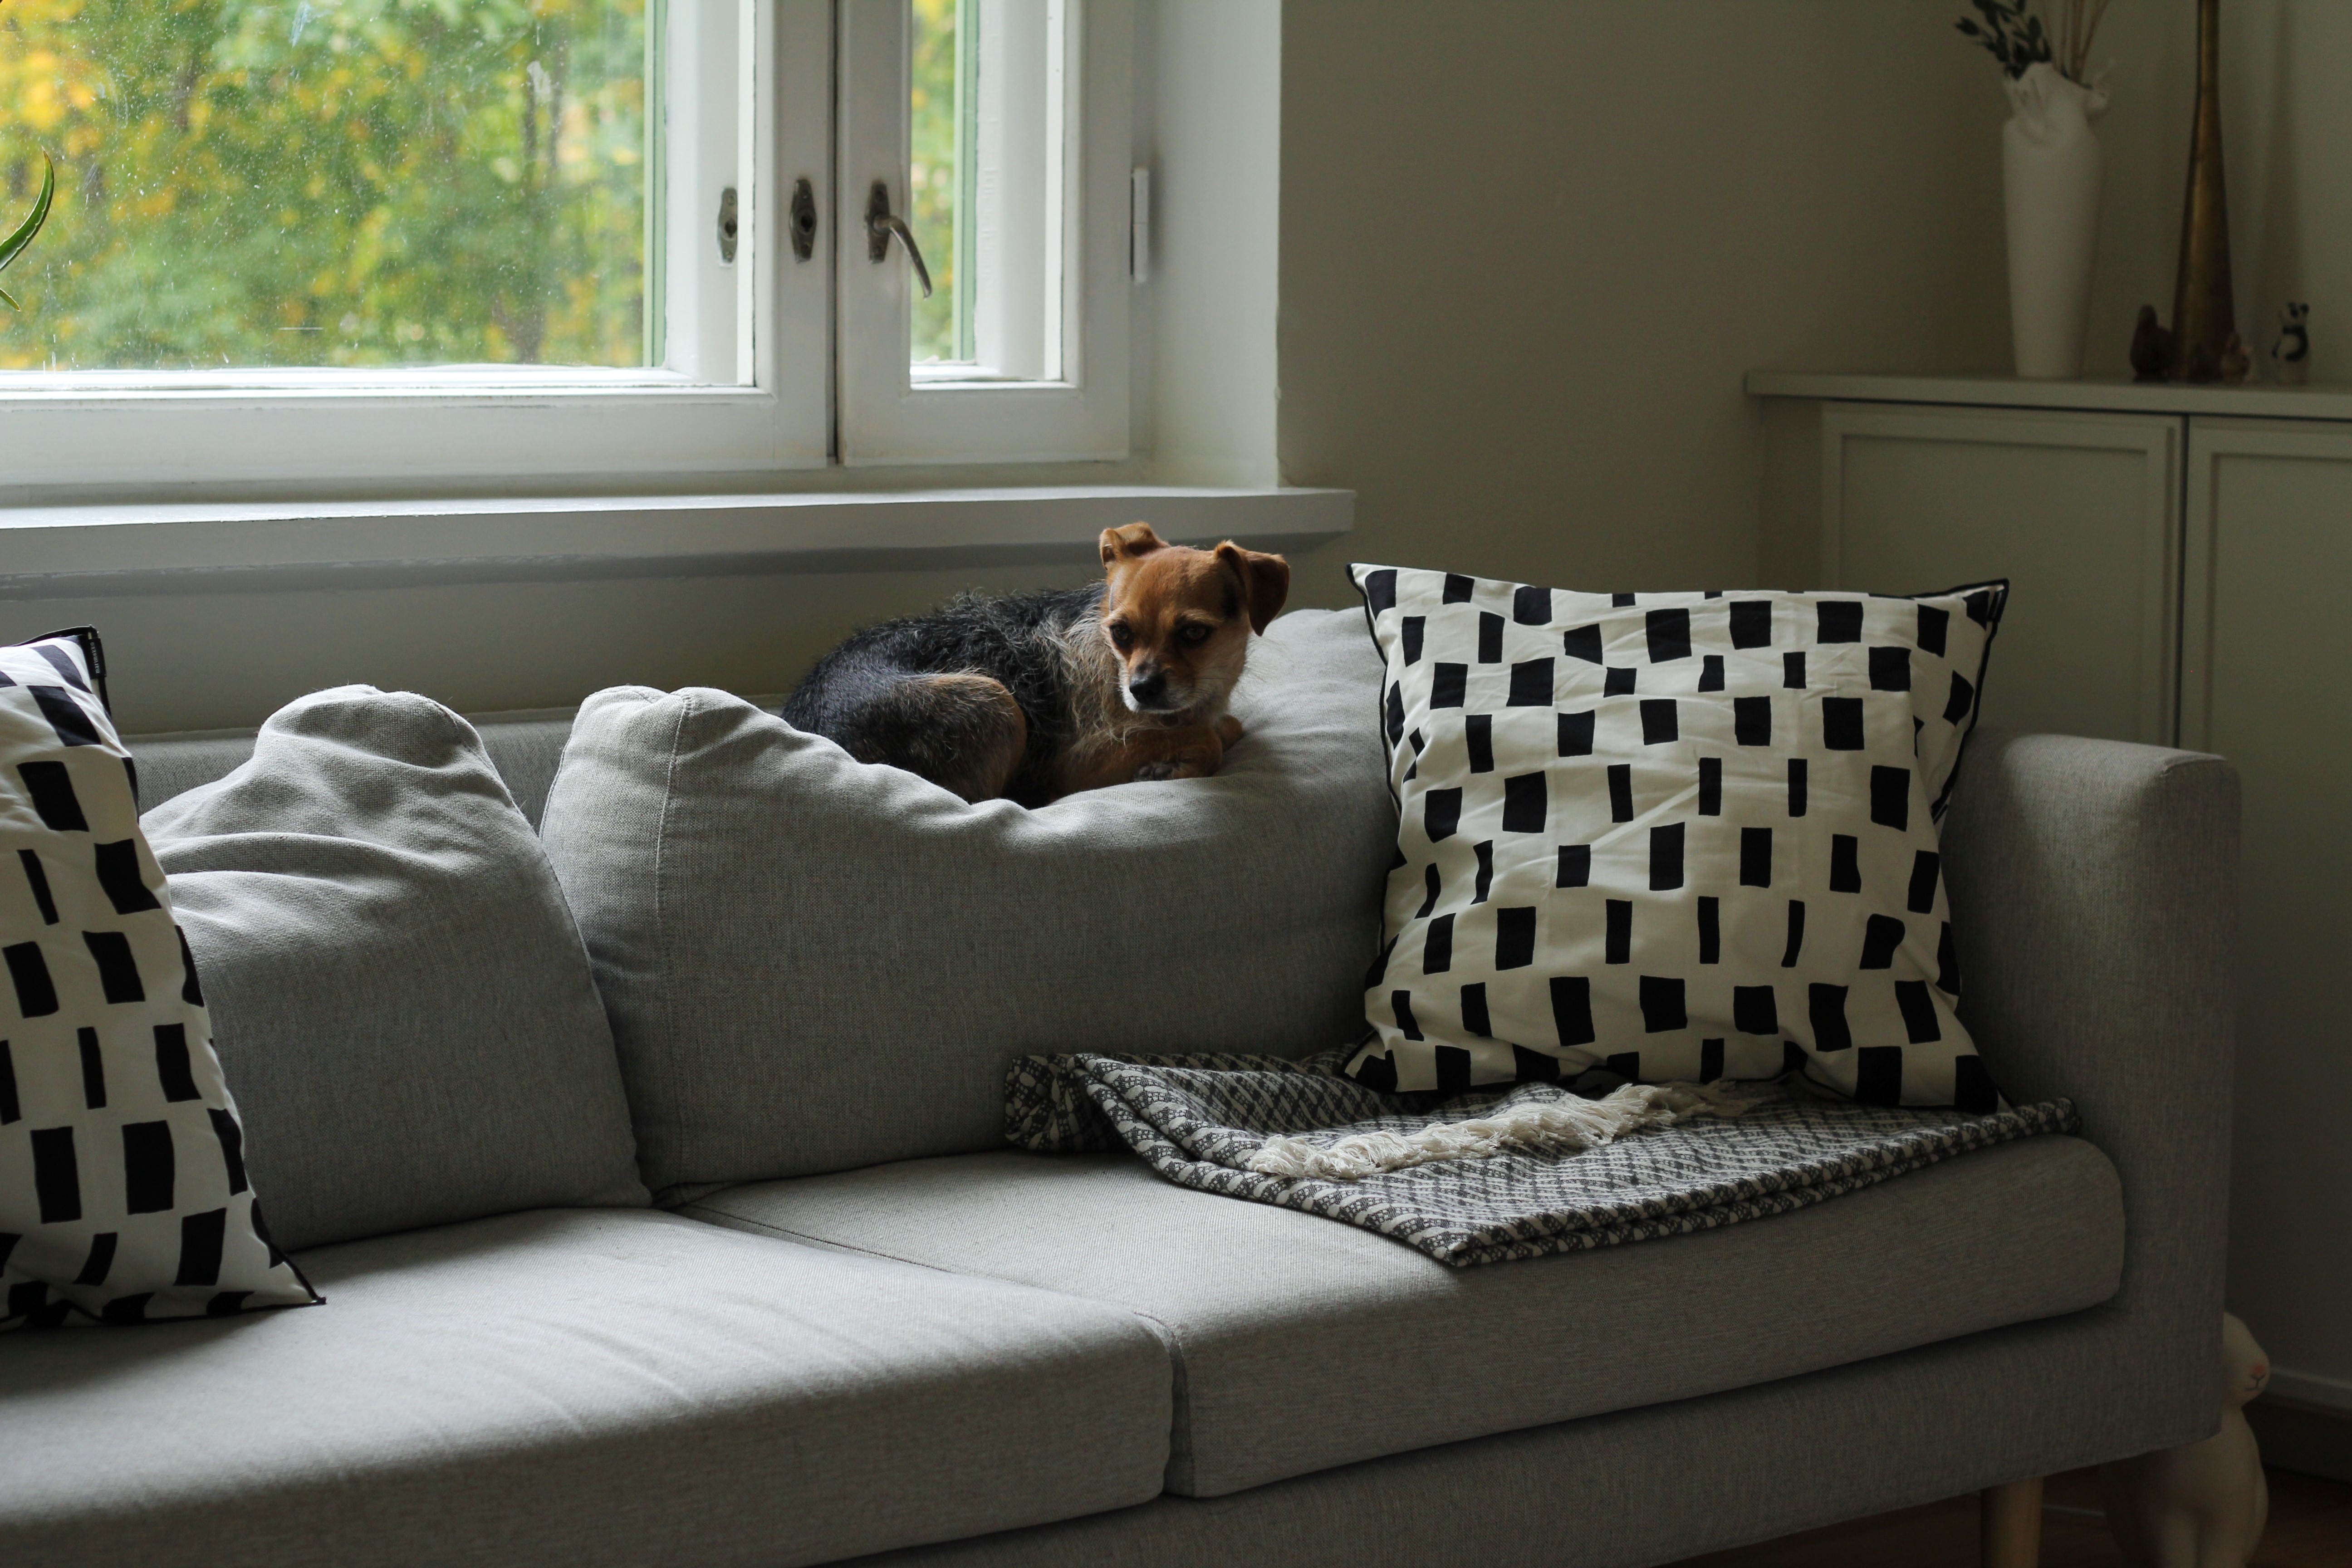 P.S. Kuka valmistaisi sellaiset löhöilynkestävät selkätyynyt koiraperheen sohvaan? Tässä Hakolan sohvassa selkätyynyjen vanu on pituussuunnassa koteloitu, mutta kahden koiran päivittäiset päikkärit ovat tehneet tehtävänsä.